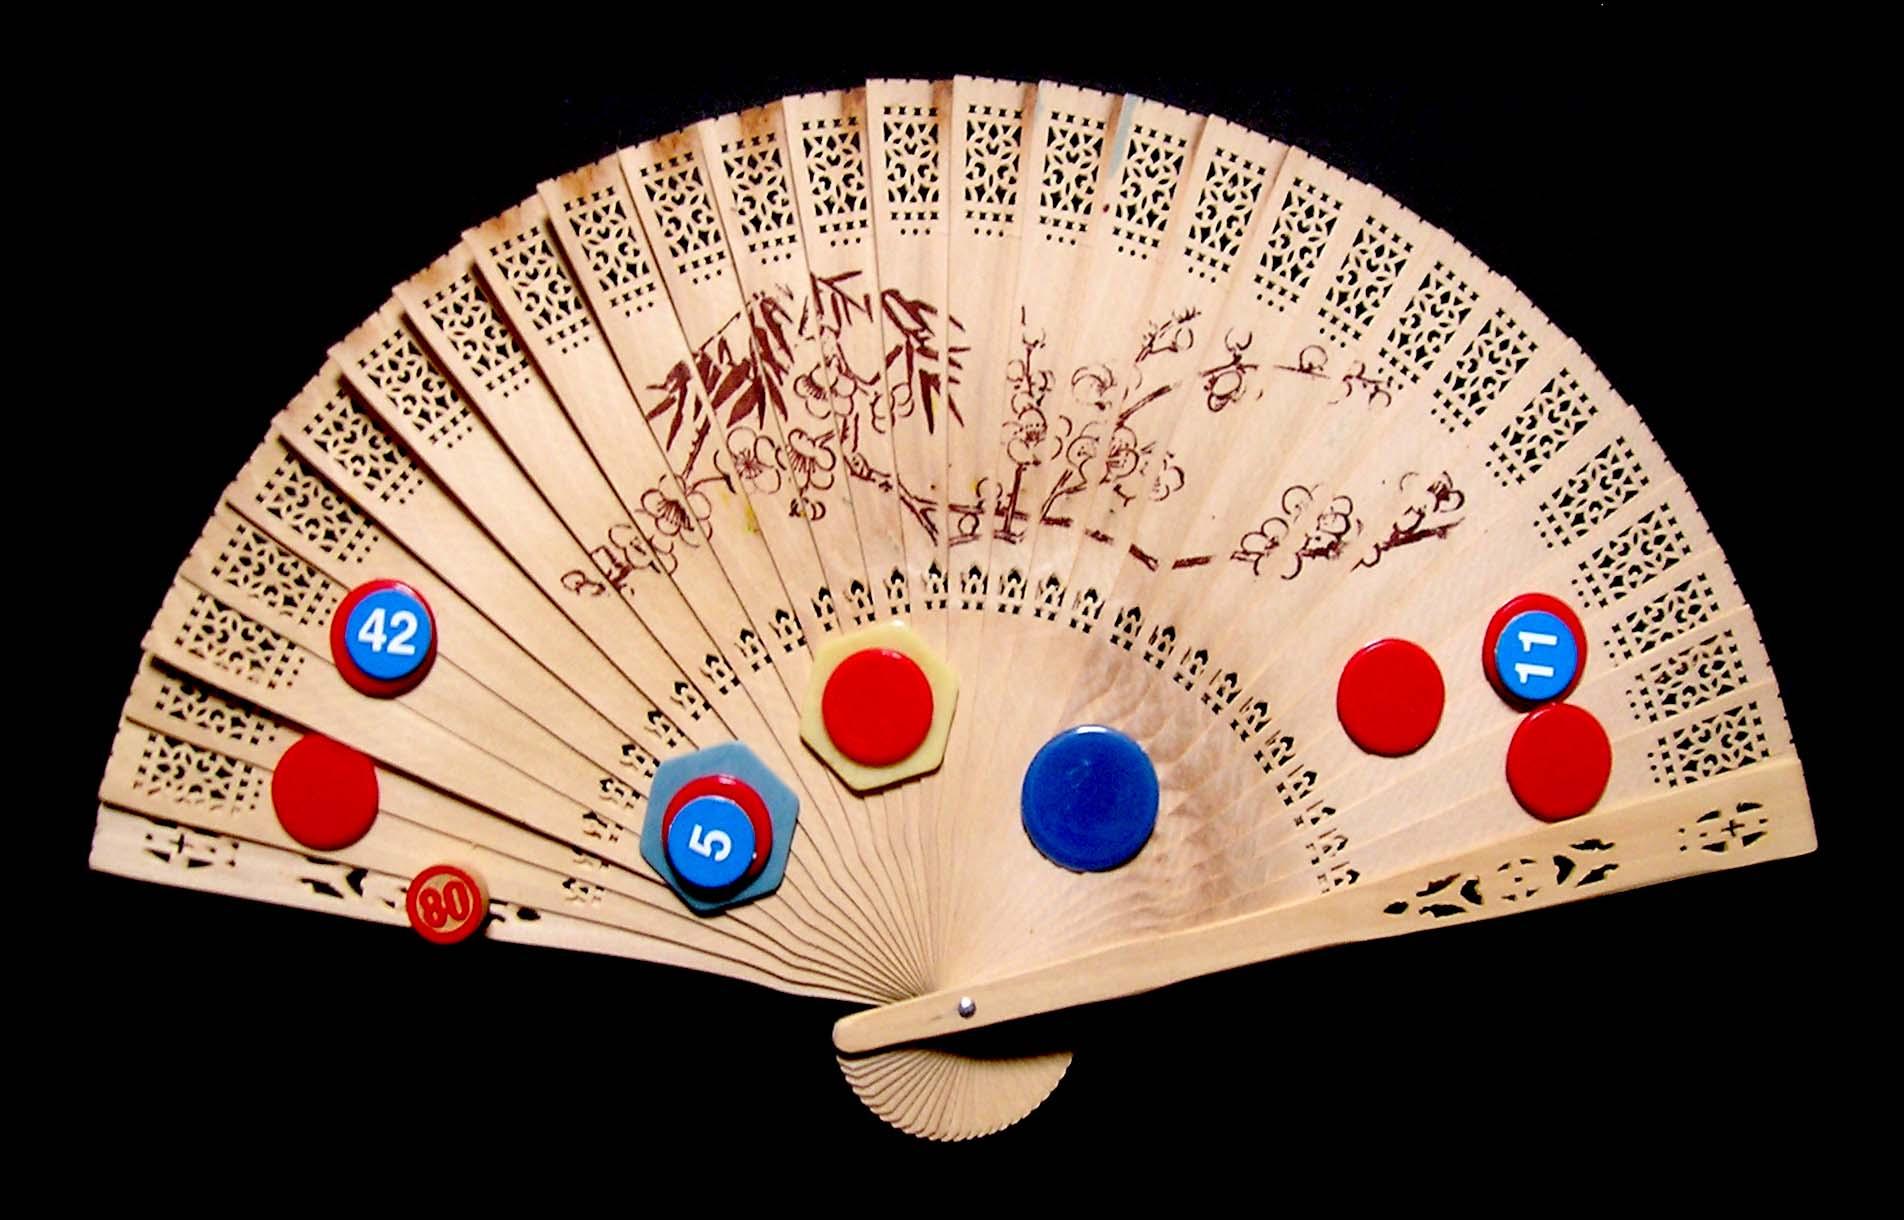 Aires de Cambio VXI, serie, objetos, ensamblados, 2003